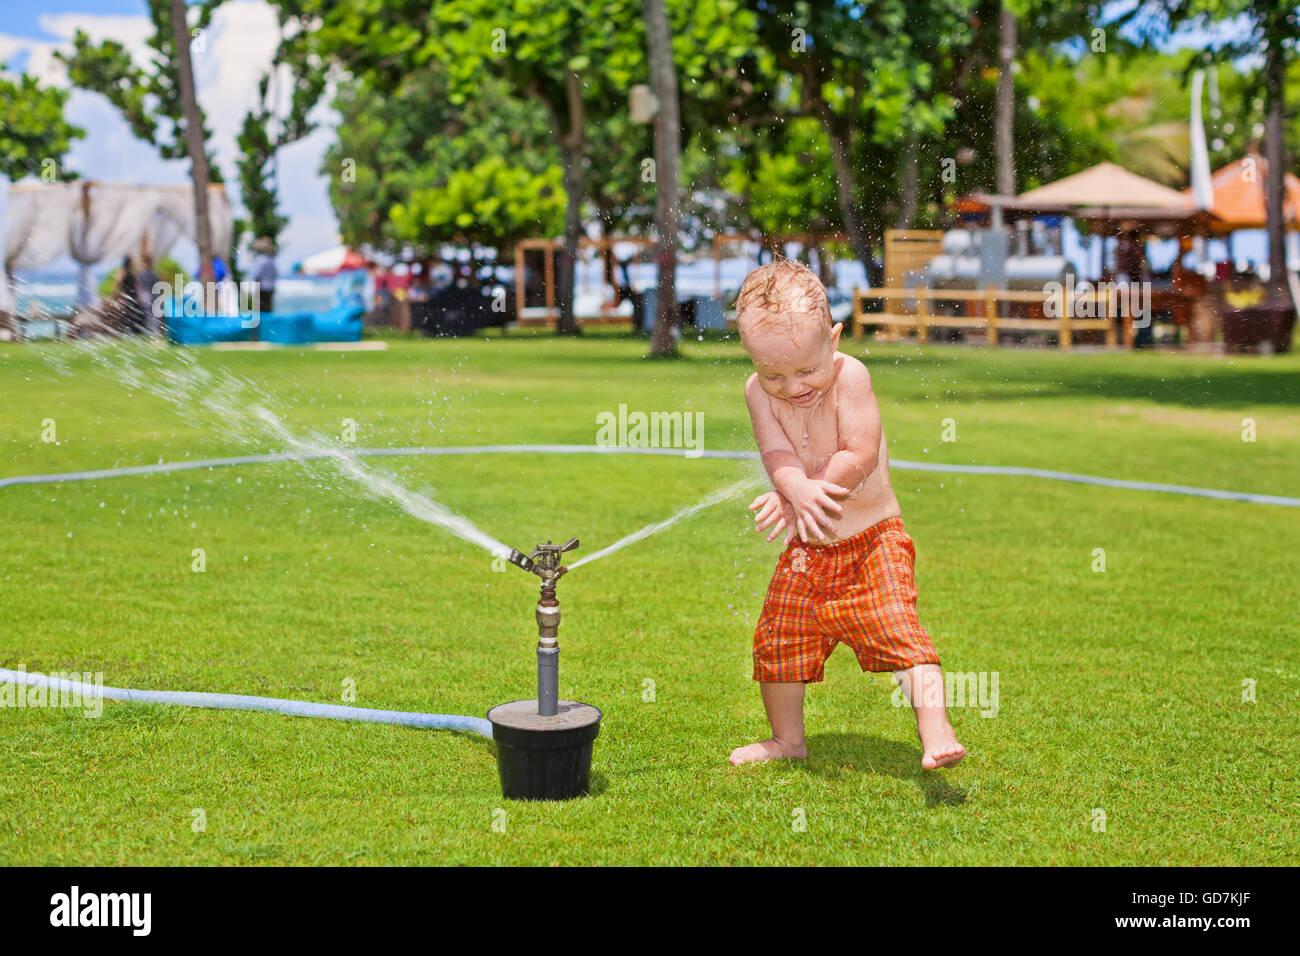 Niño feliz jugando con rociadores y salpicaduras de pulverización con la diversión bajo el agua cae Imagen De Stock